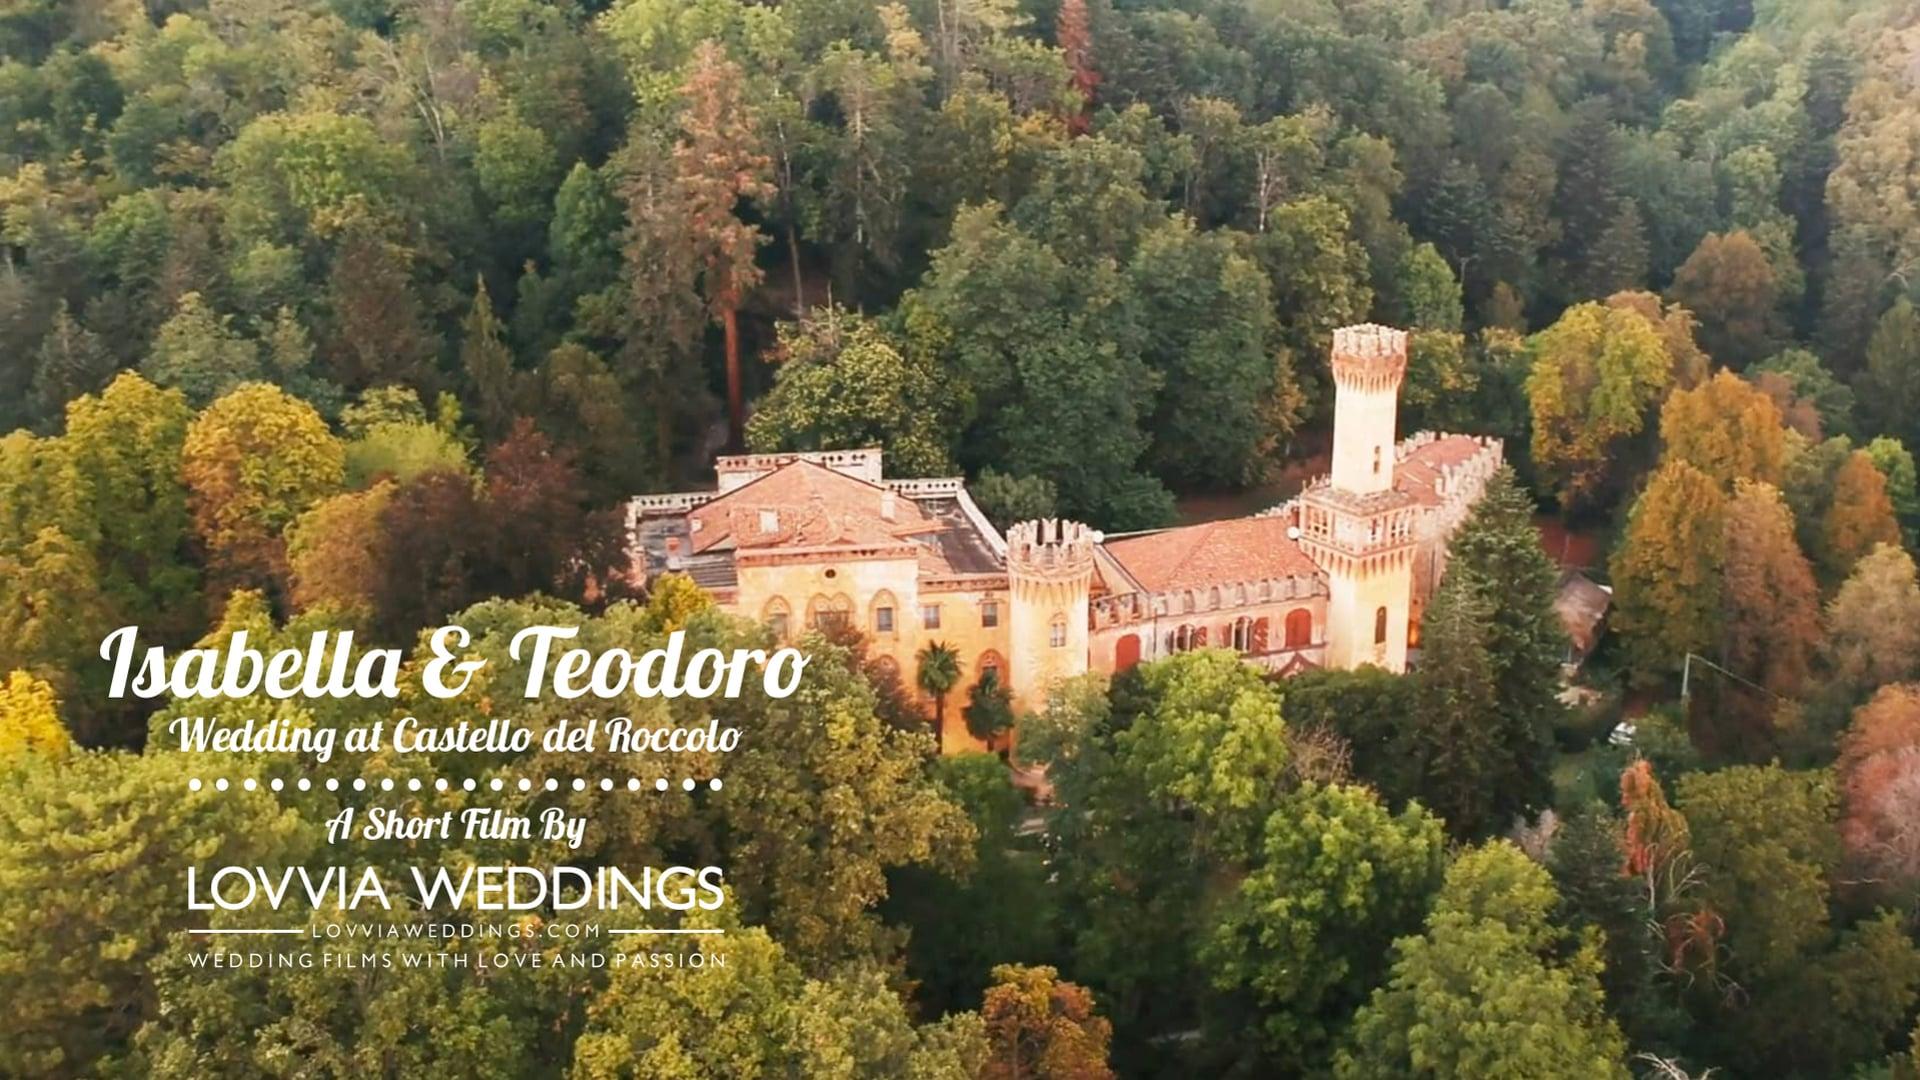 Wedding at Castello del Roccolo / Italy • Isabella & Teodoro (Trailer) lovviaweddings.com